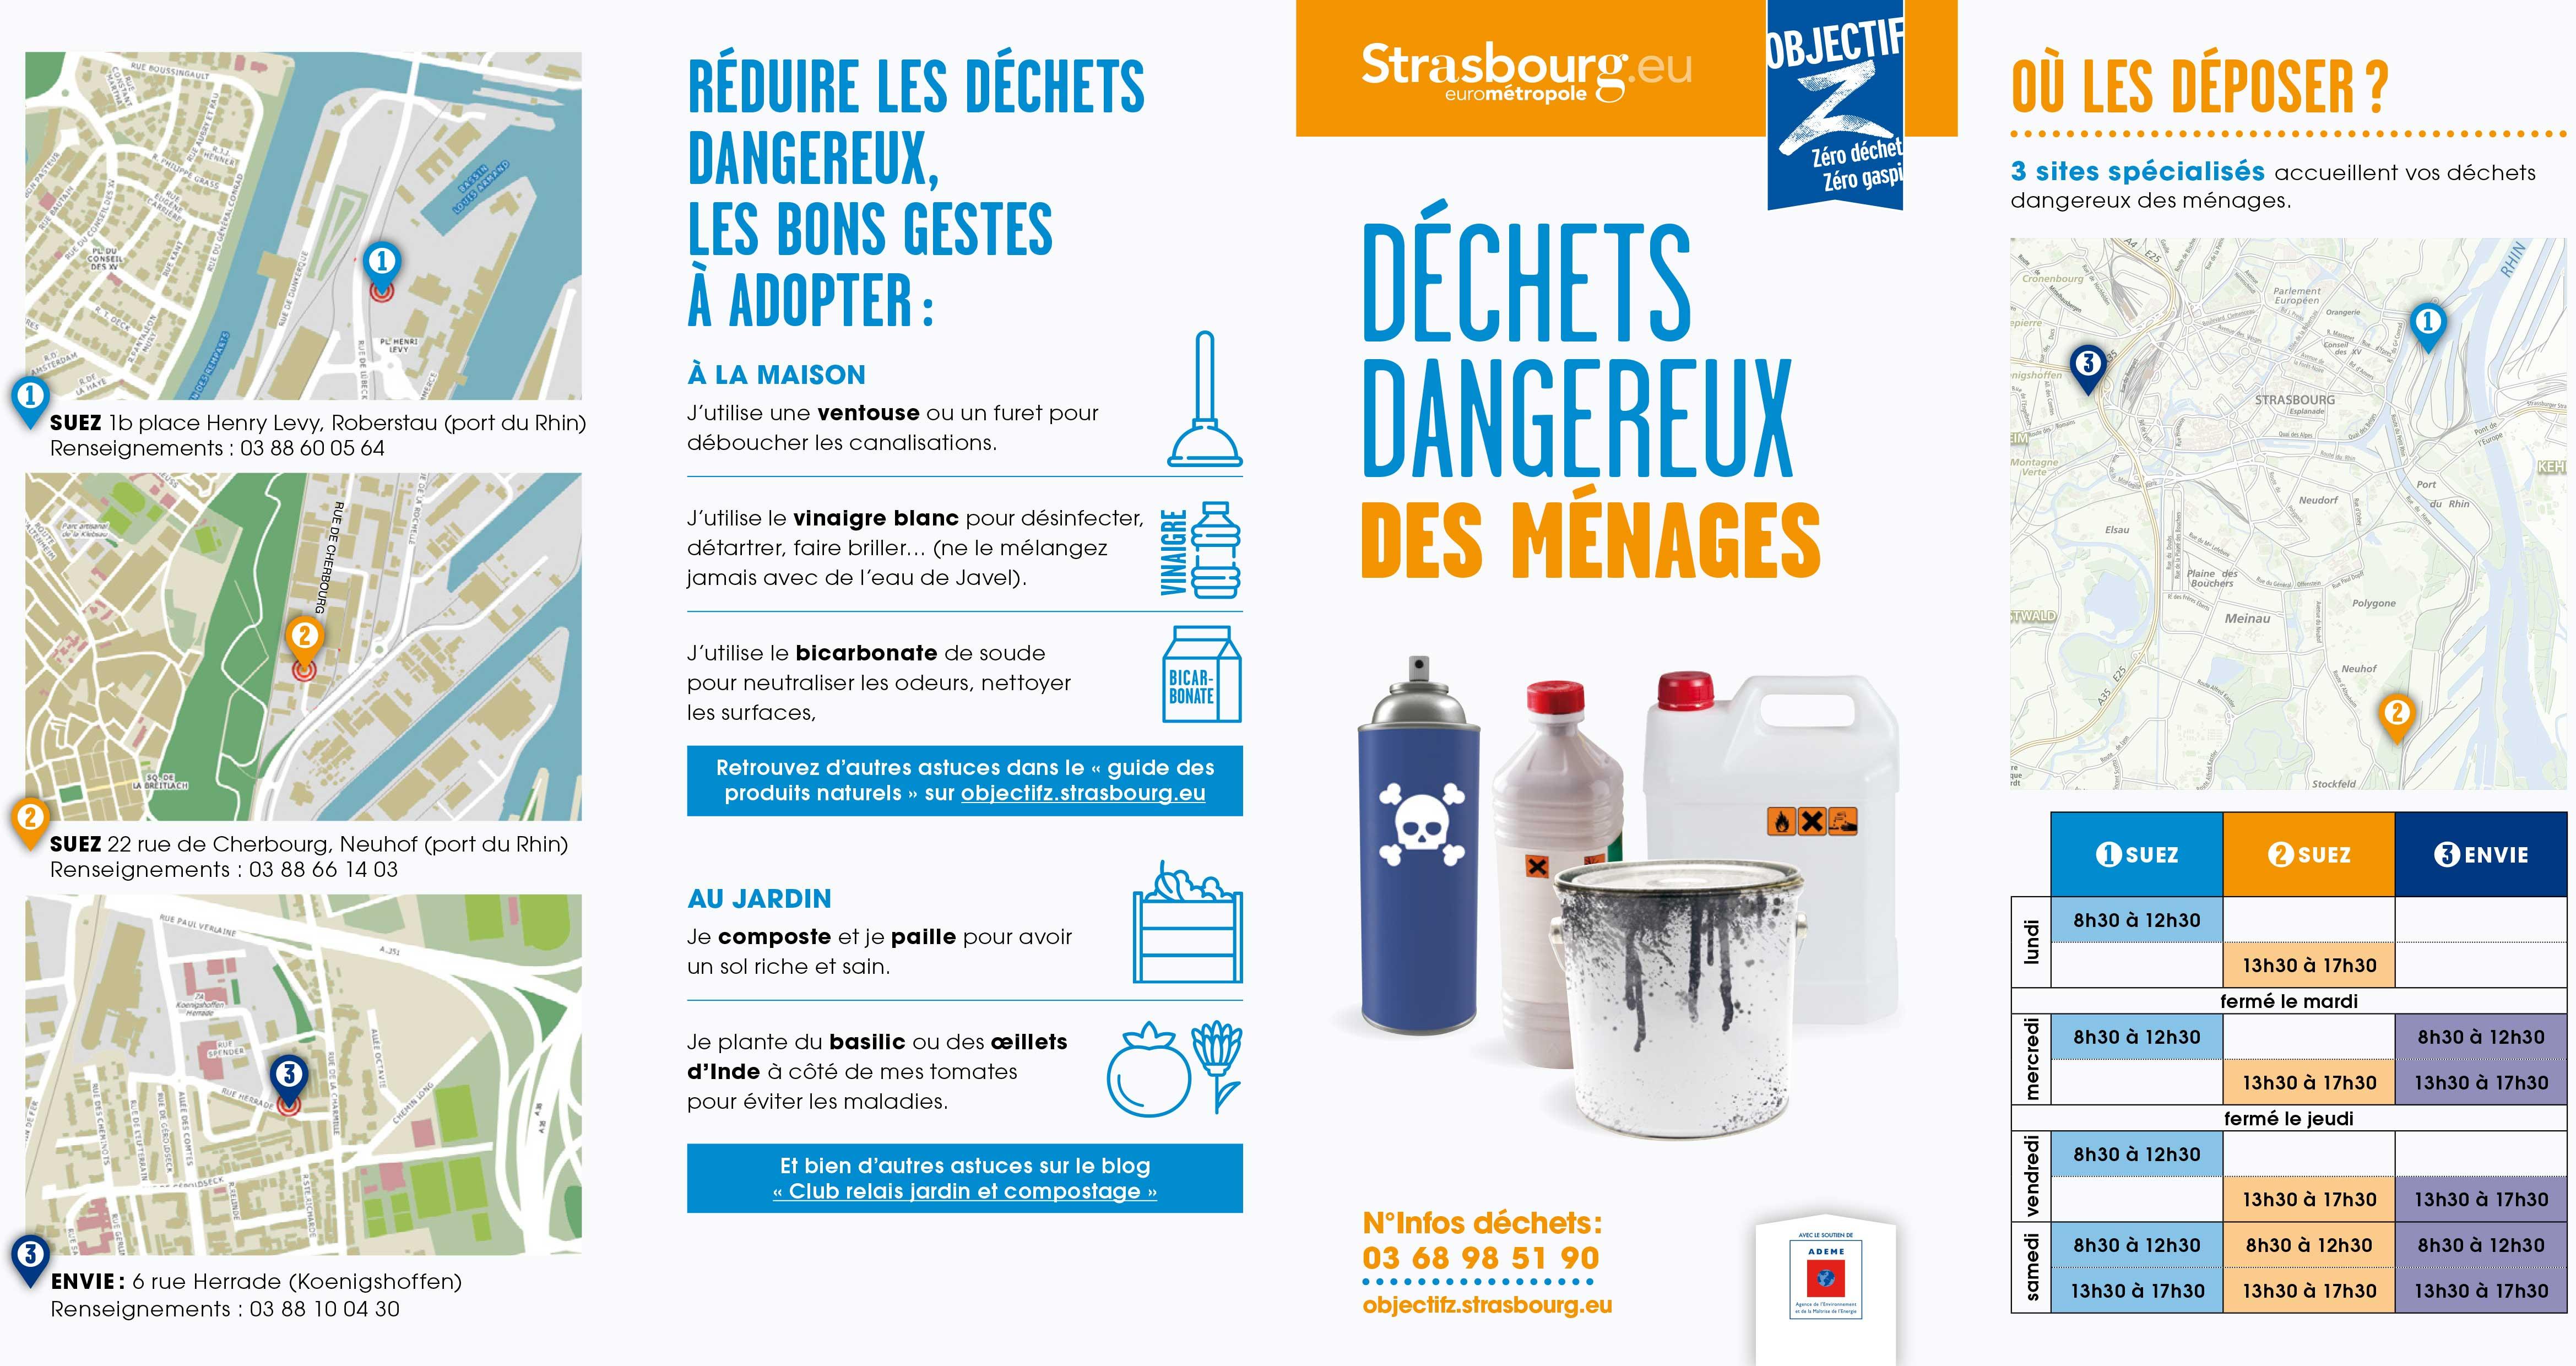 dechets-dangereux-menages-1